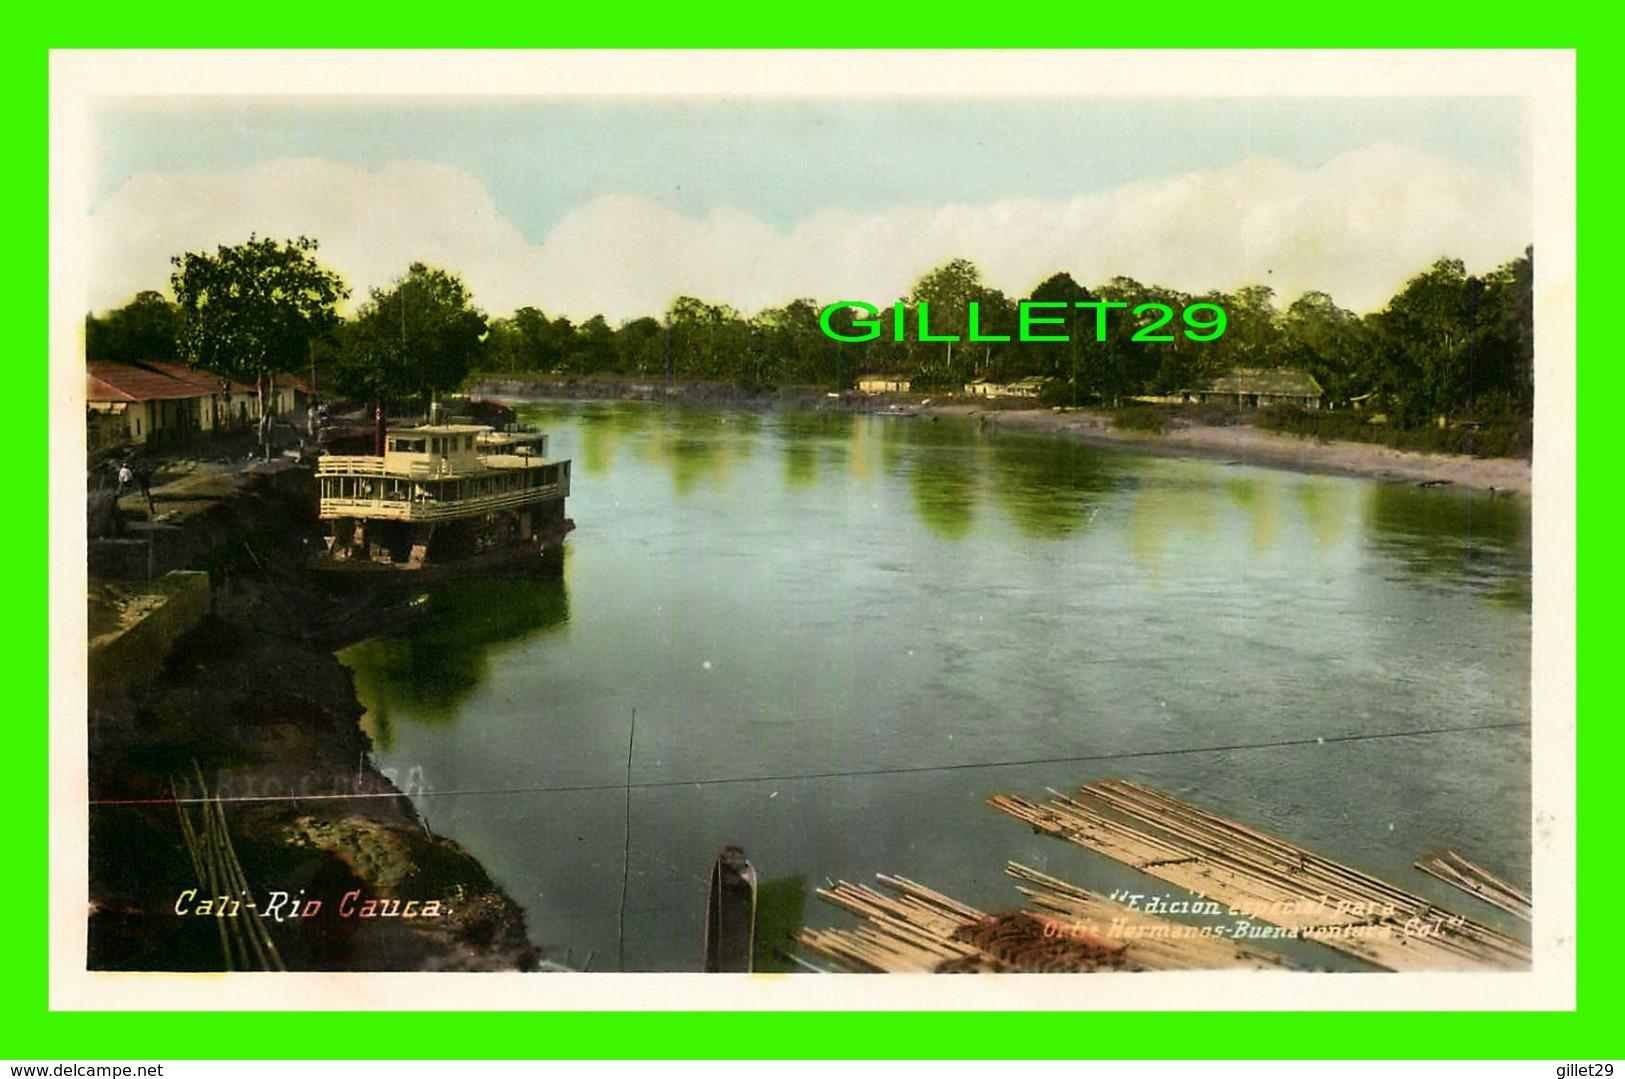 CALI, COLOMBIE - RIO CAUCA - ANIMATED WITH SHIP - EDICION ESPECIAL PARA, ORTIZ HERMANOS BUENA VENTURA - - Colombie